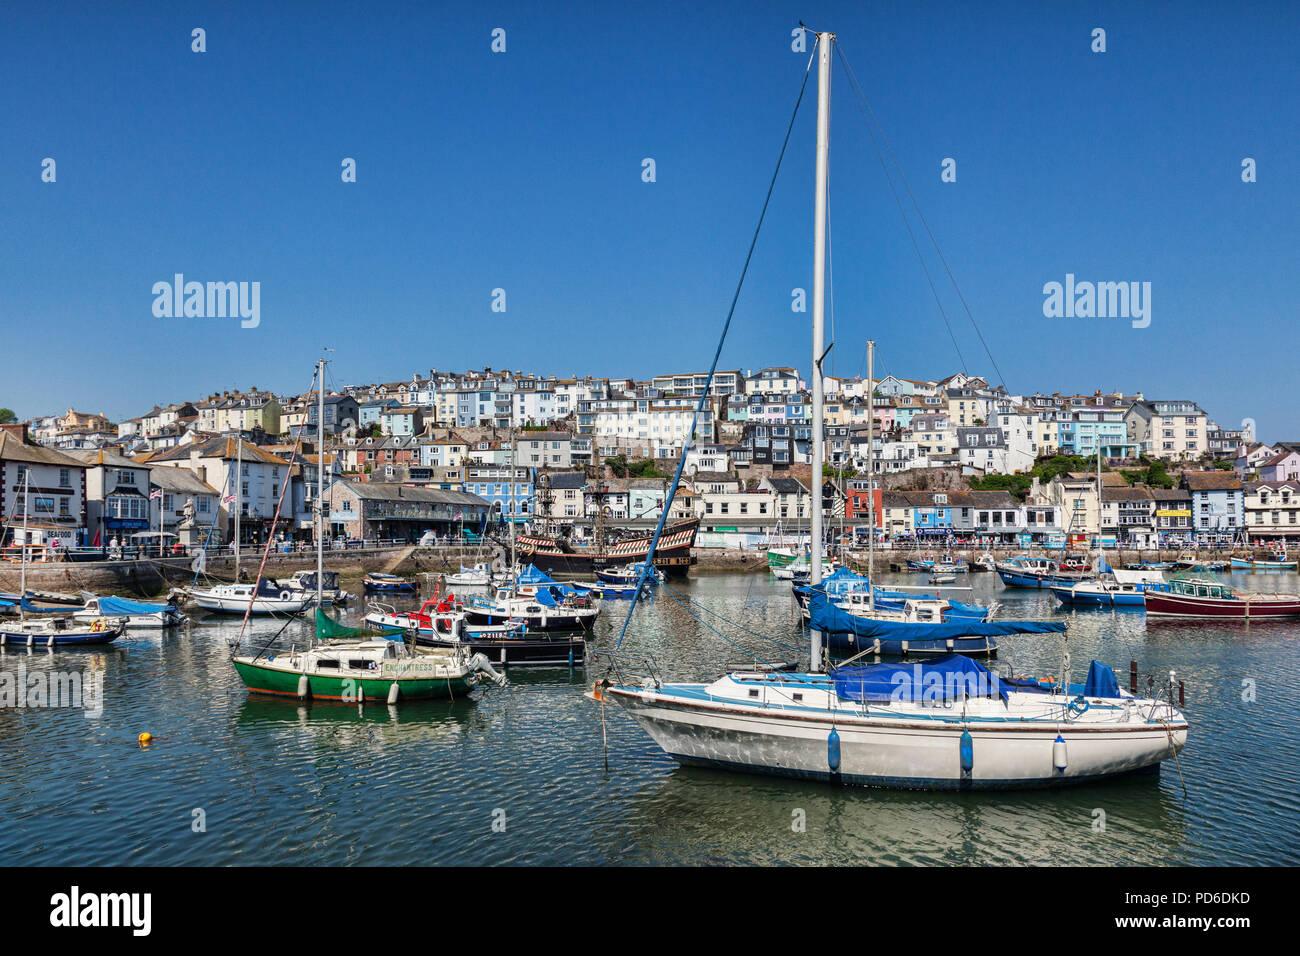 23 Maggio 2018: Brixham, Devon, Regno Unito - il porto con la replica Golden Hind in una bella giornata di primavera con cielo blu chiaro. Immagini Stock